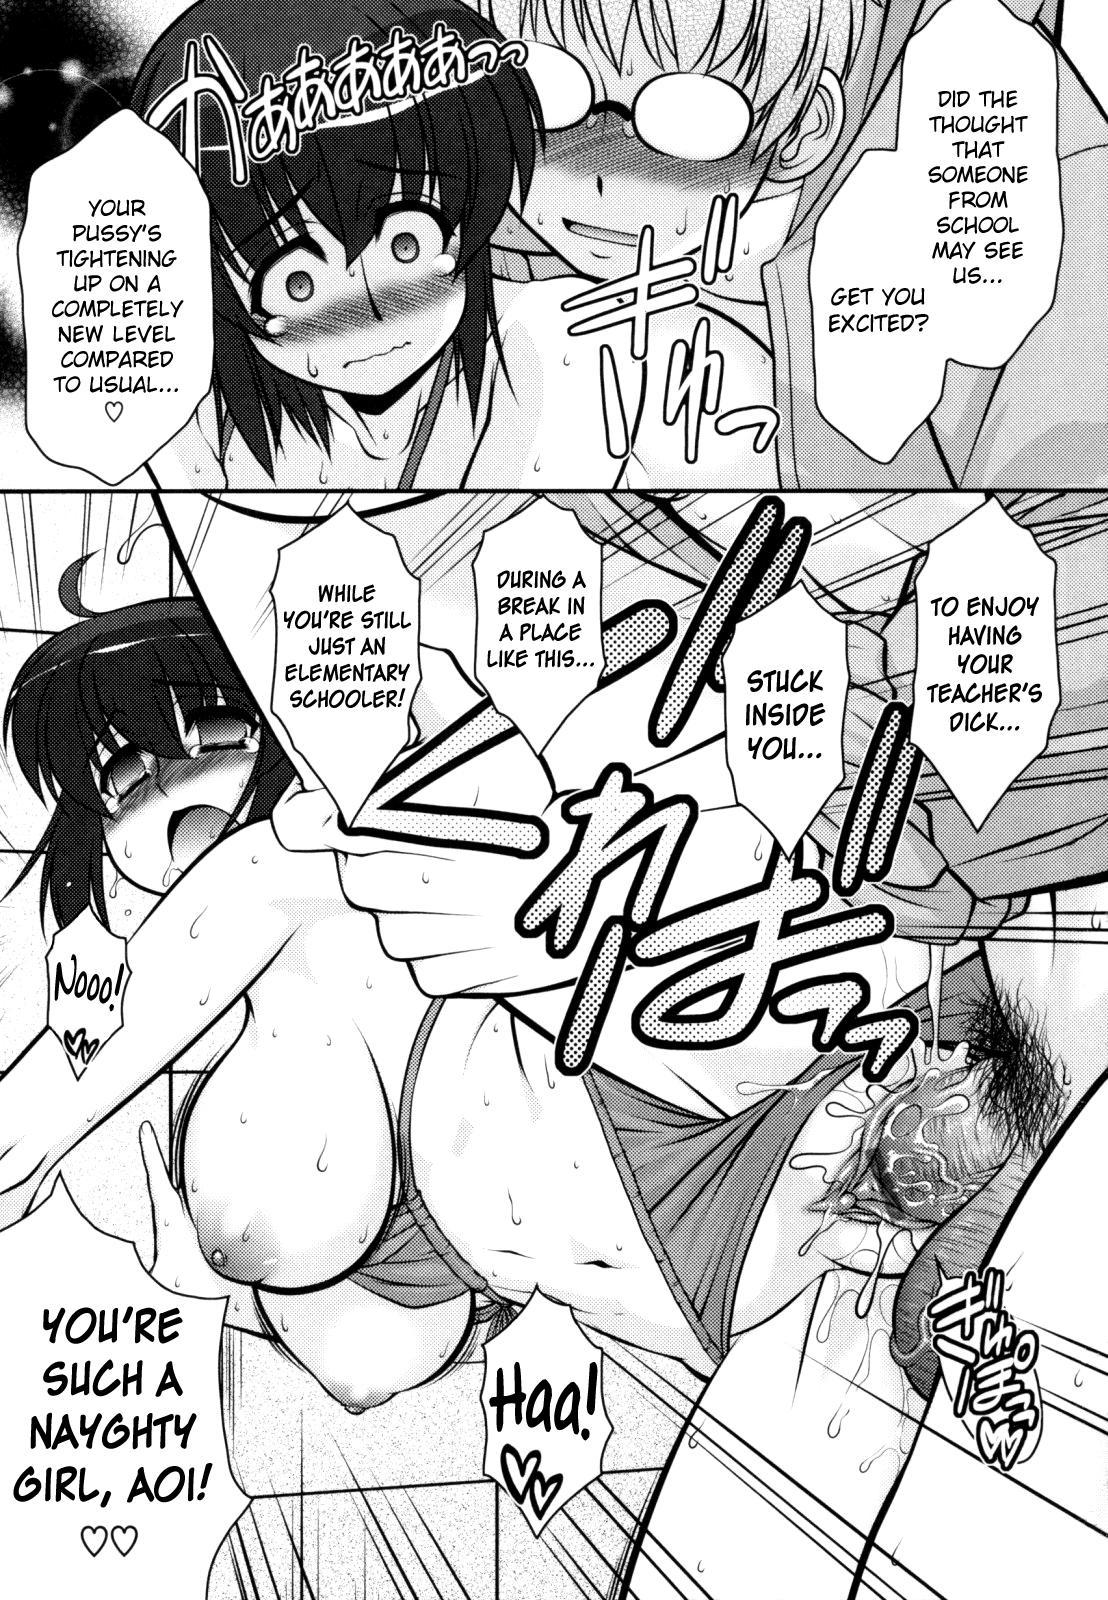 [Harukaze Do-jin] Aoi-chan Attack! Ch.2-4 [English] [biribiri] 44